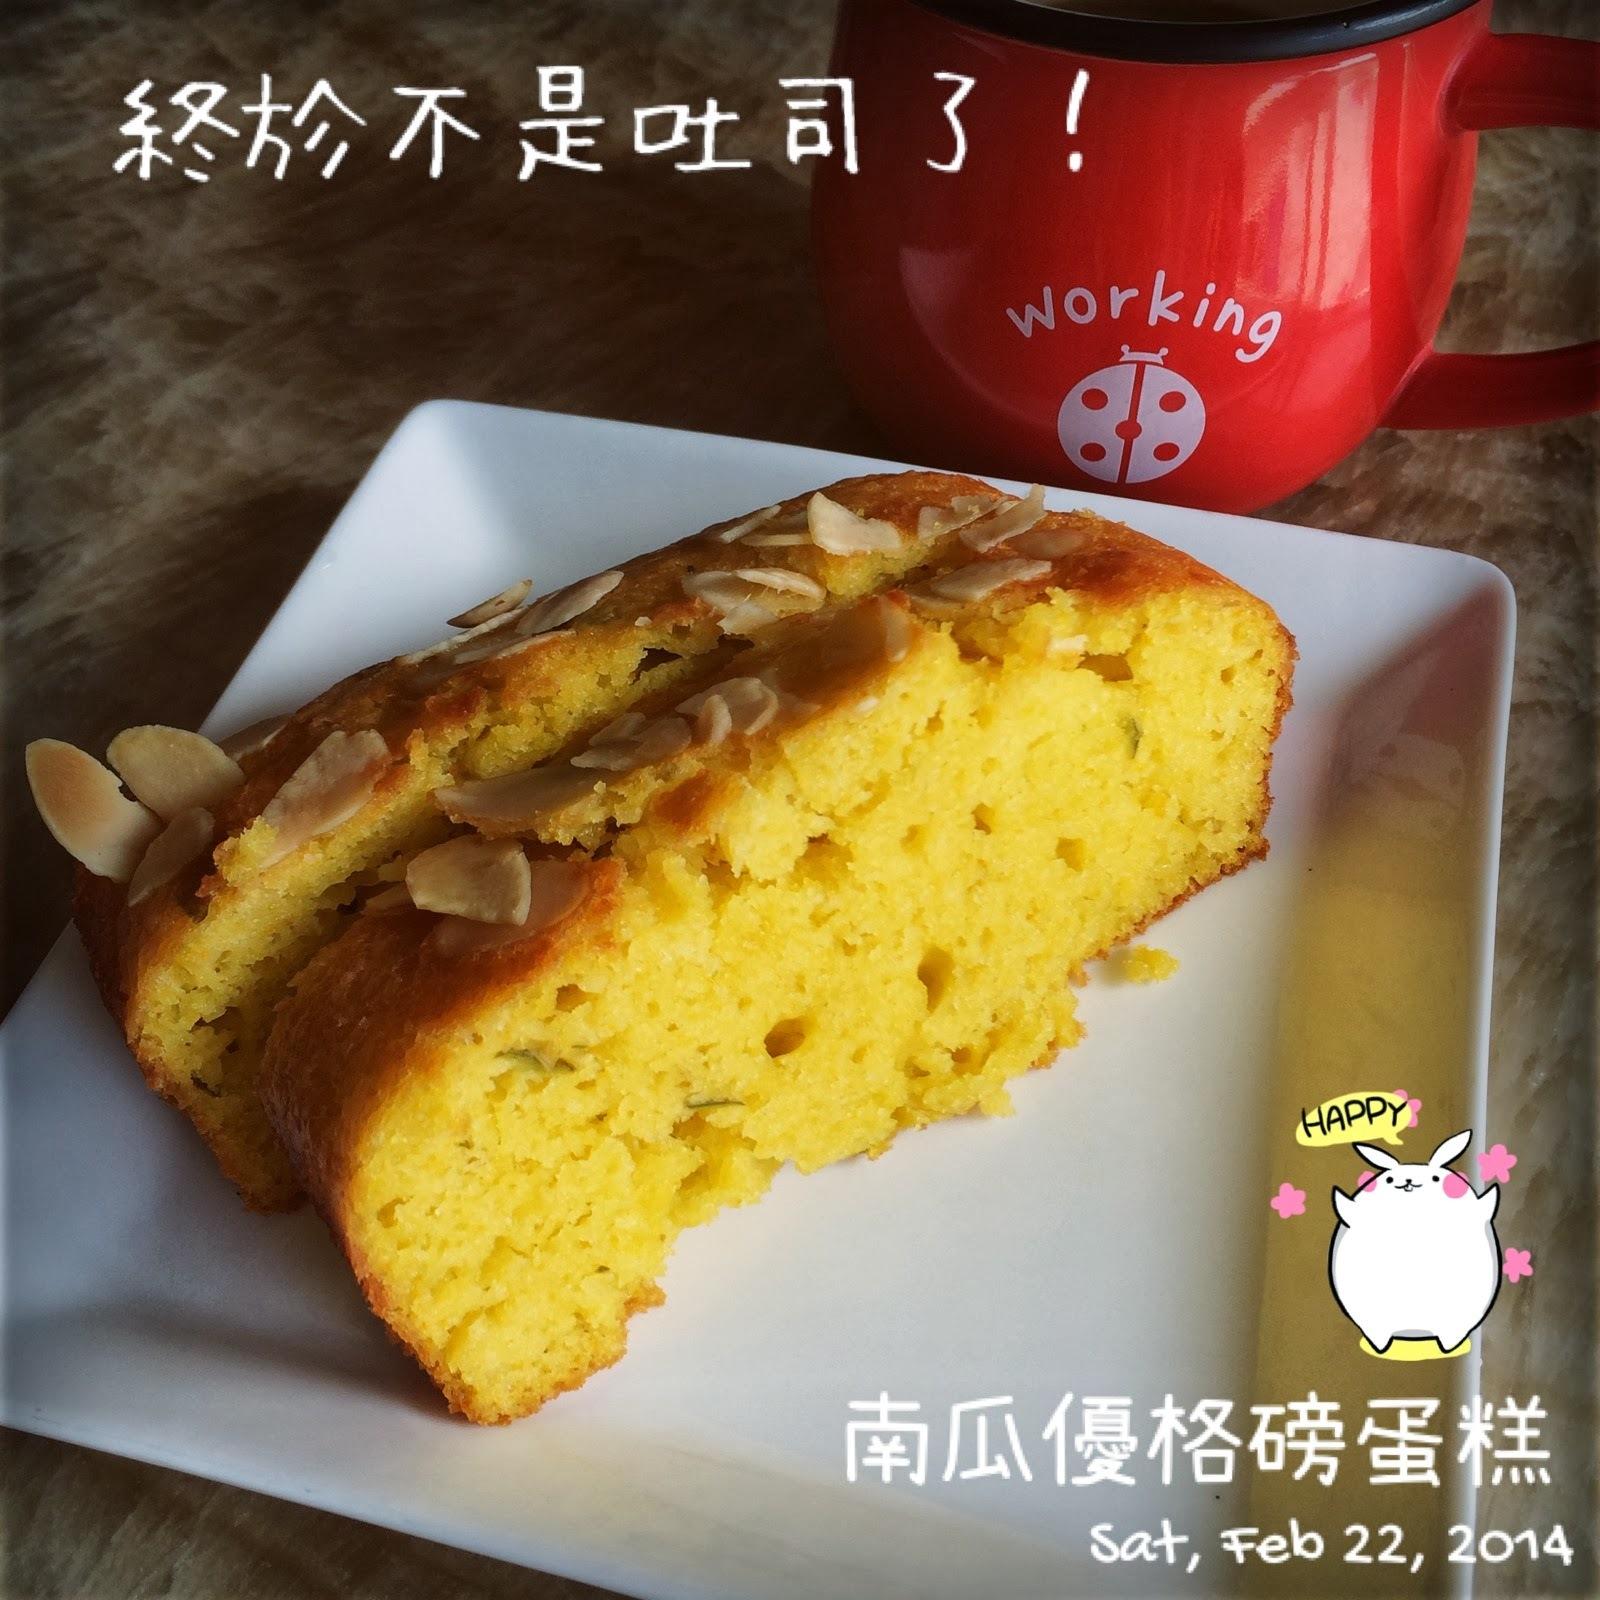 [食譜-蛋糕] 南瓜優格磅蛋糕 - 吃個甜點也要顧下身體